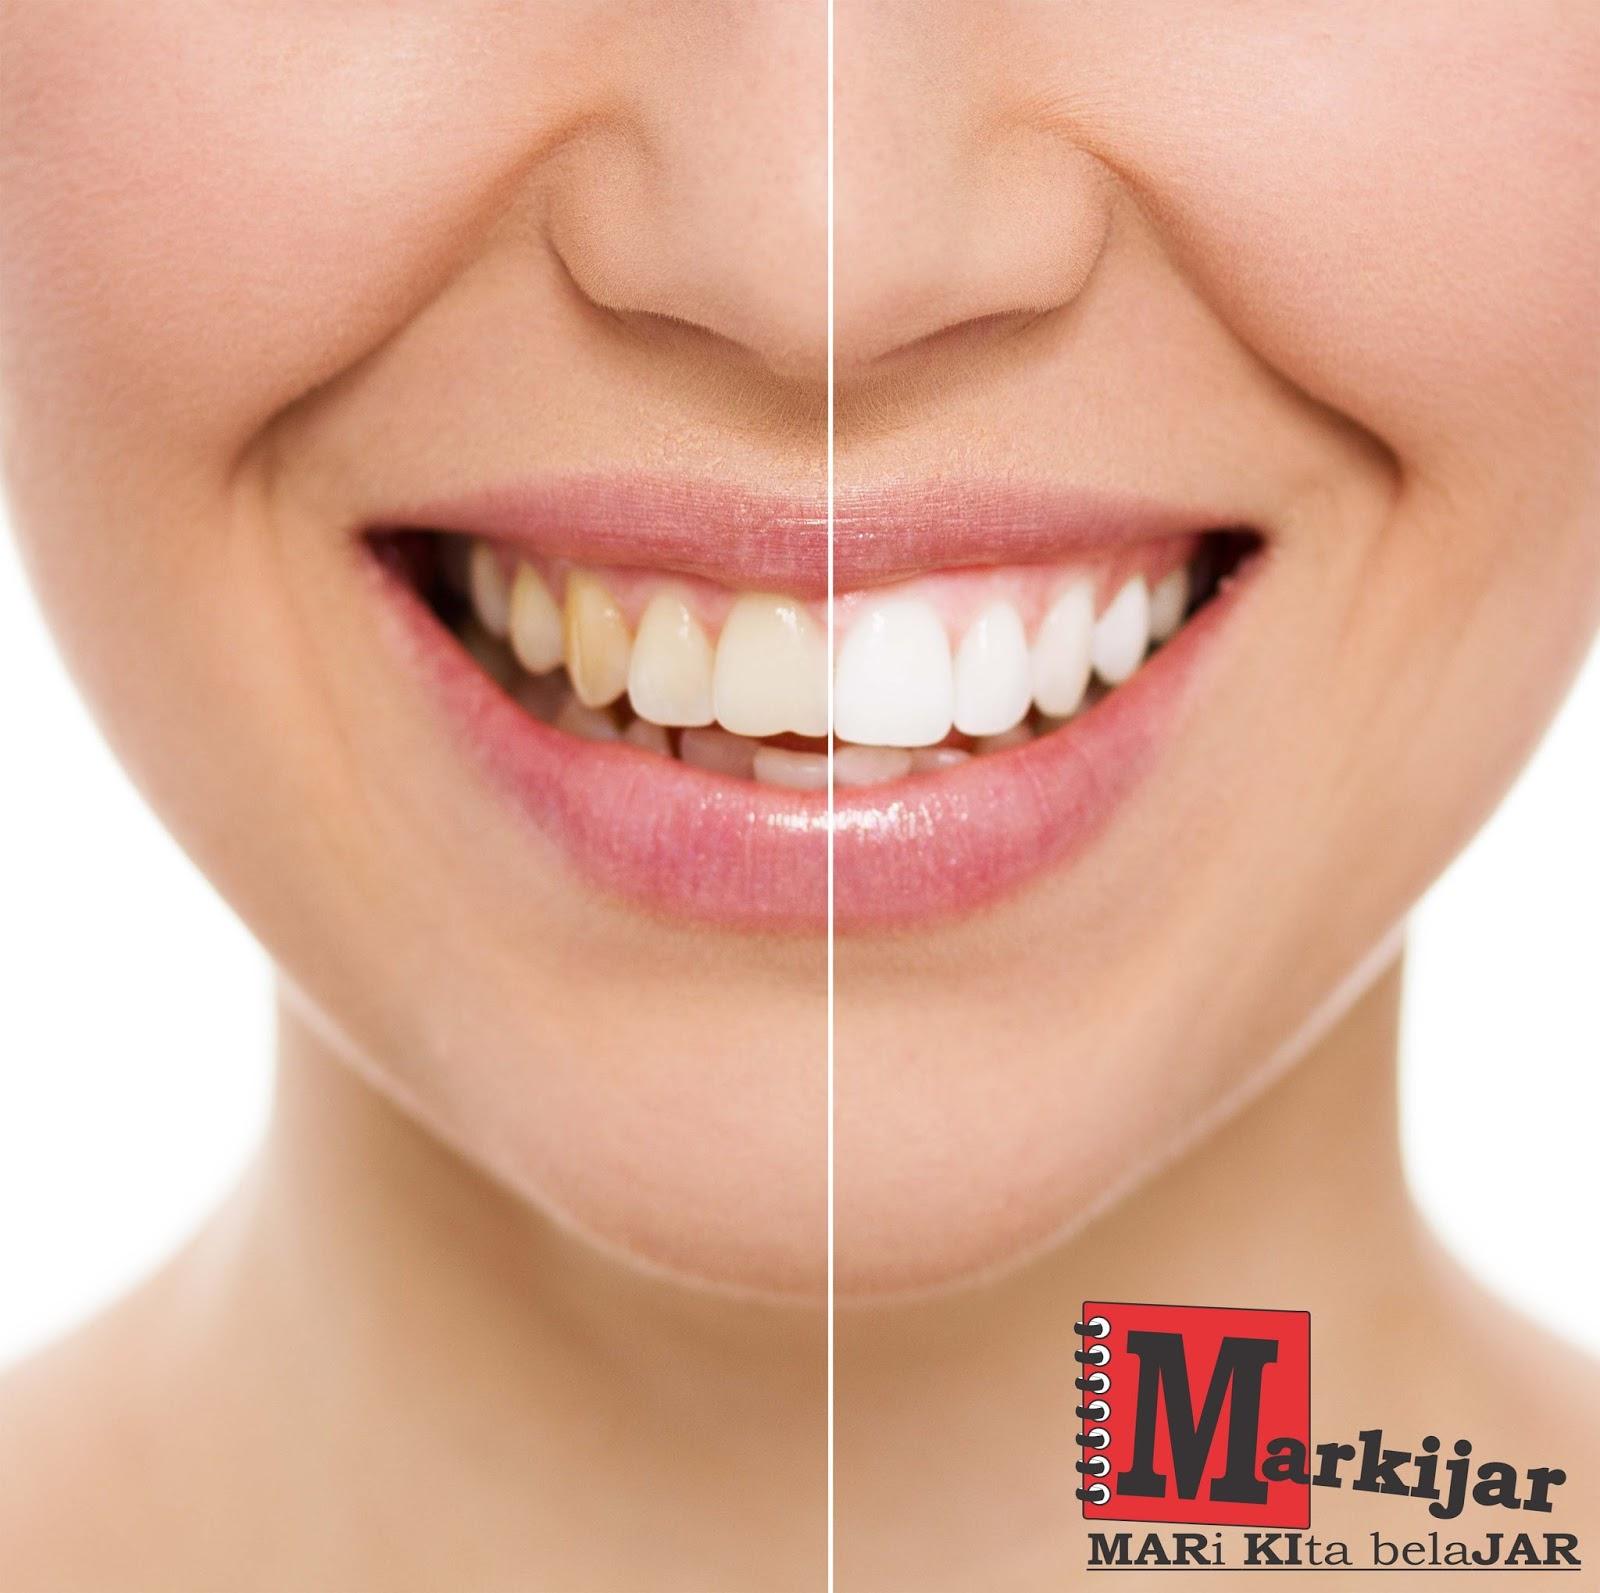 12 Cara Tercepat Dan Ampuh Memutihkan Gigi Kuning Secara Alami